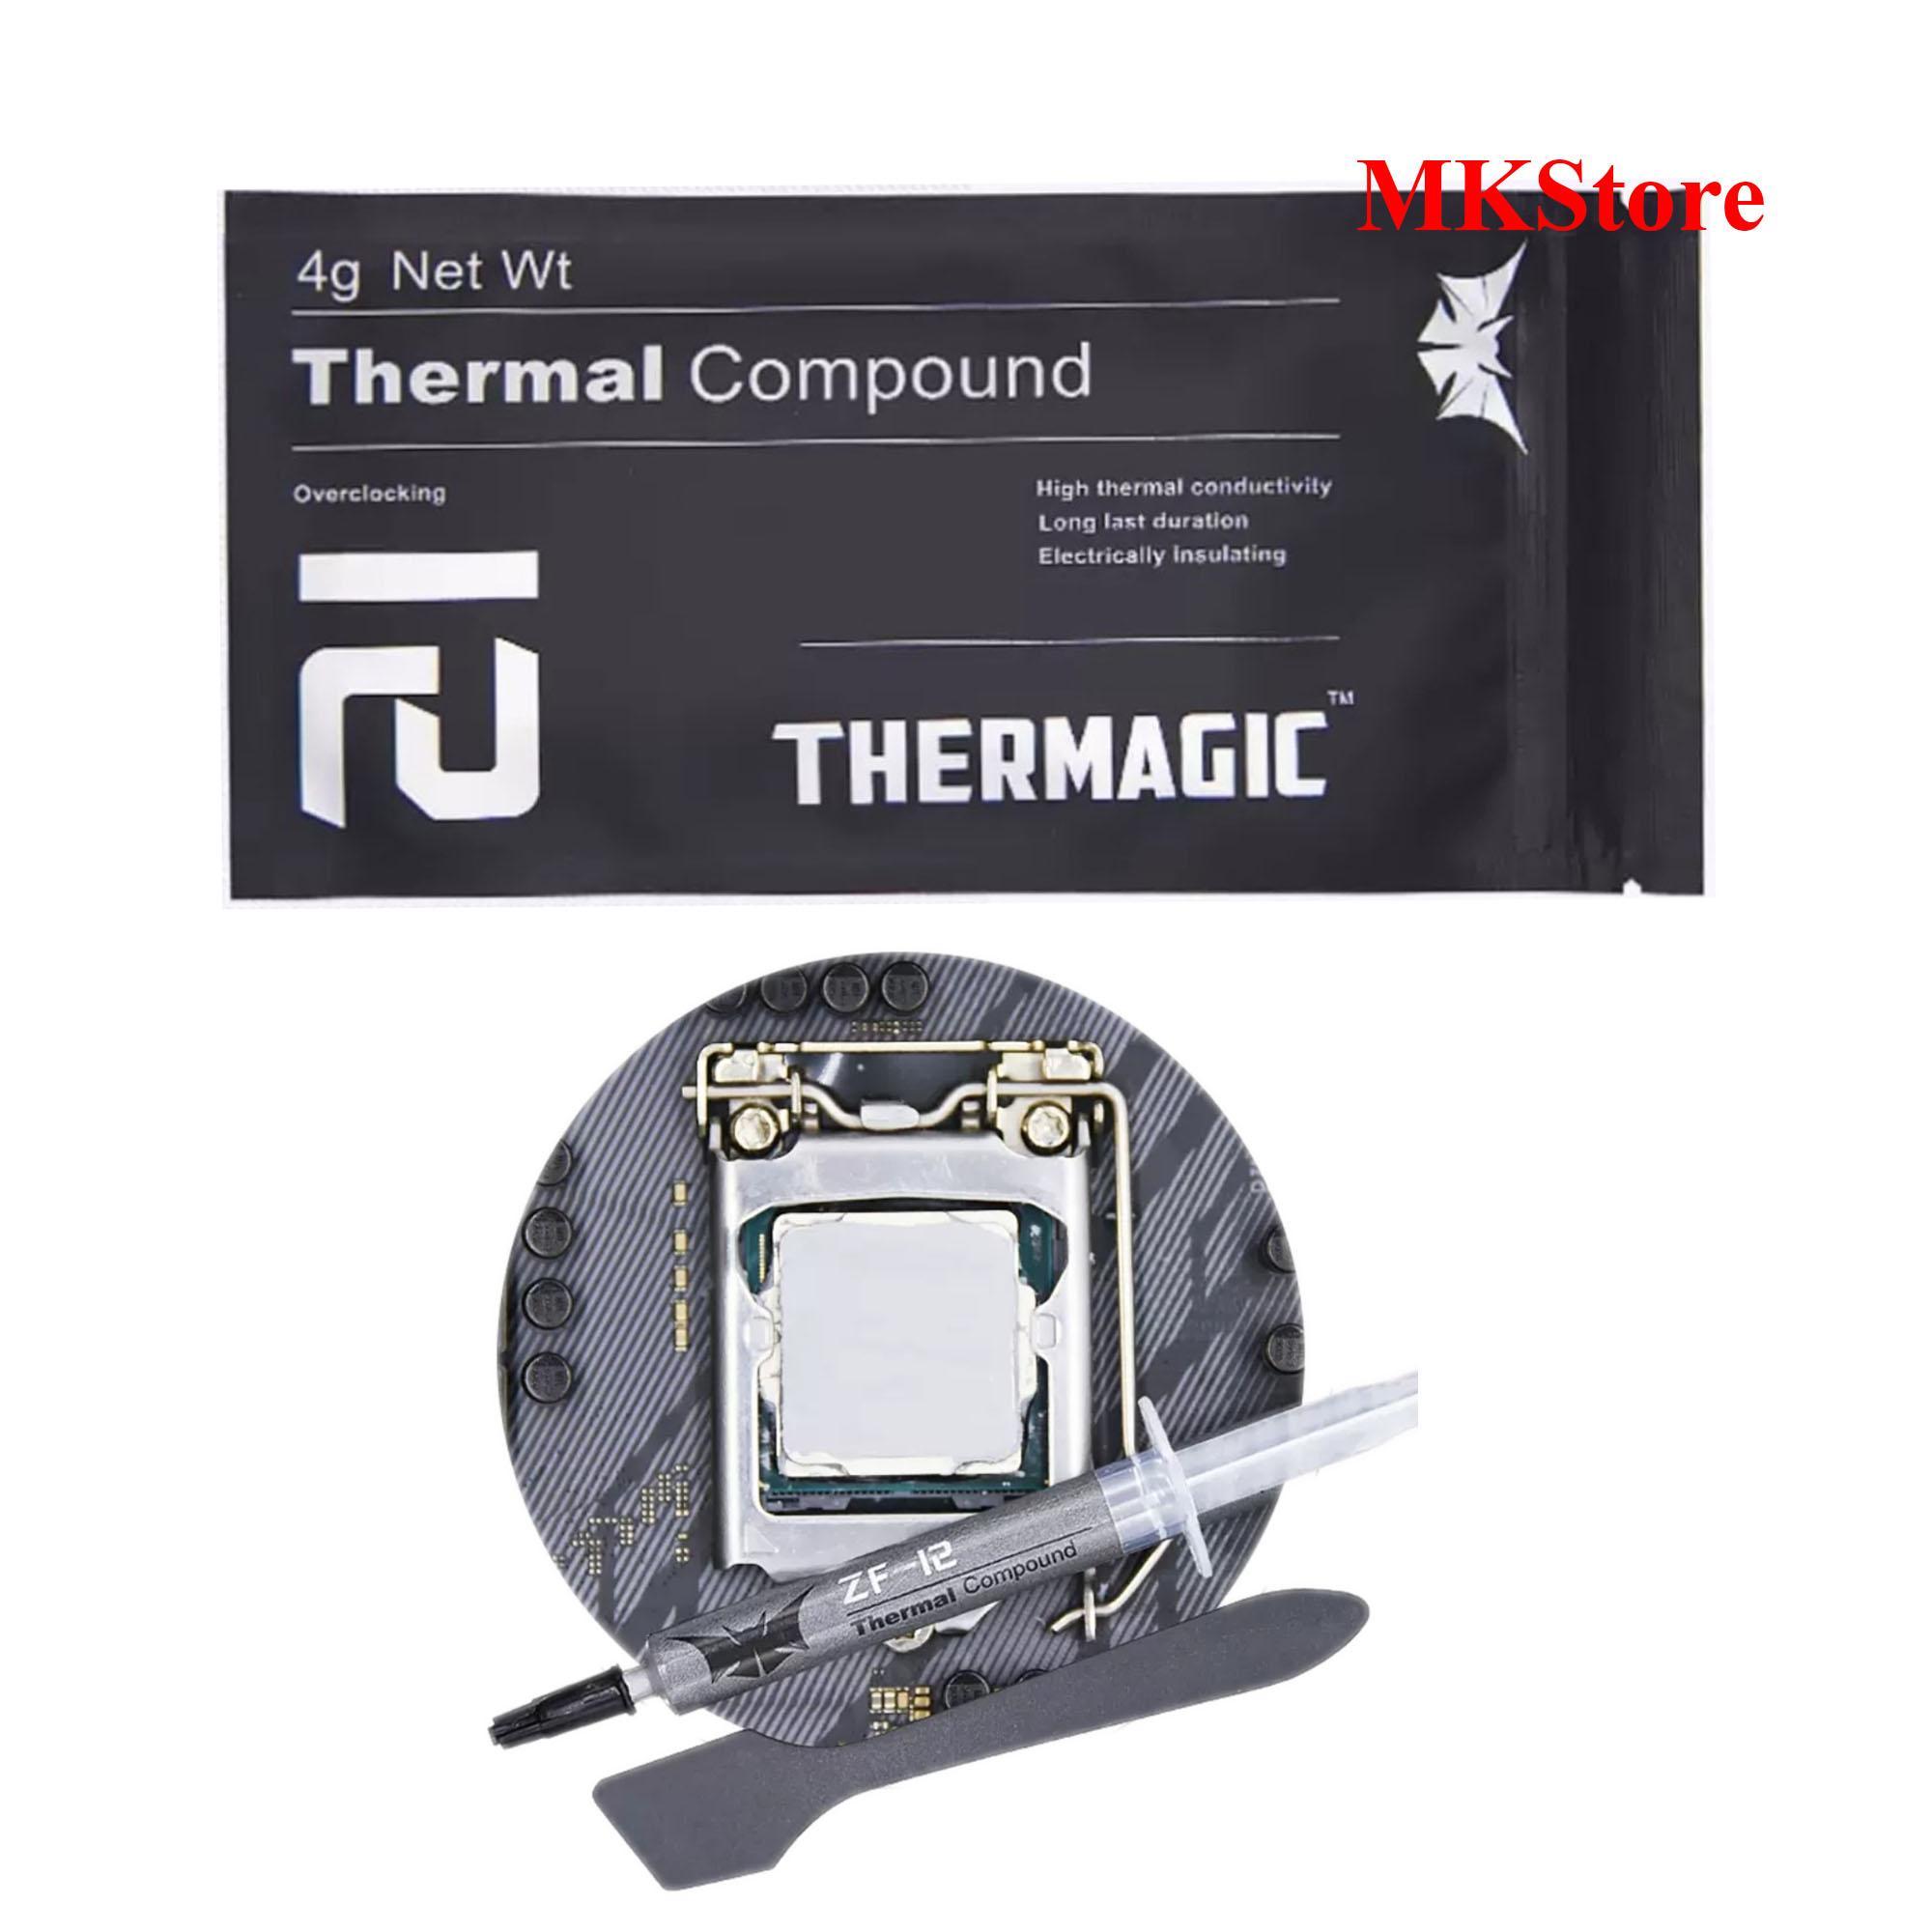 Giá Kem tản nhiệt cho CPU Thermagic Thermal Compound ZF-12 4g Net Wt